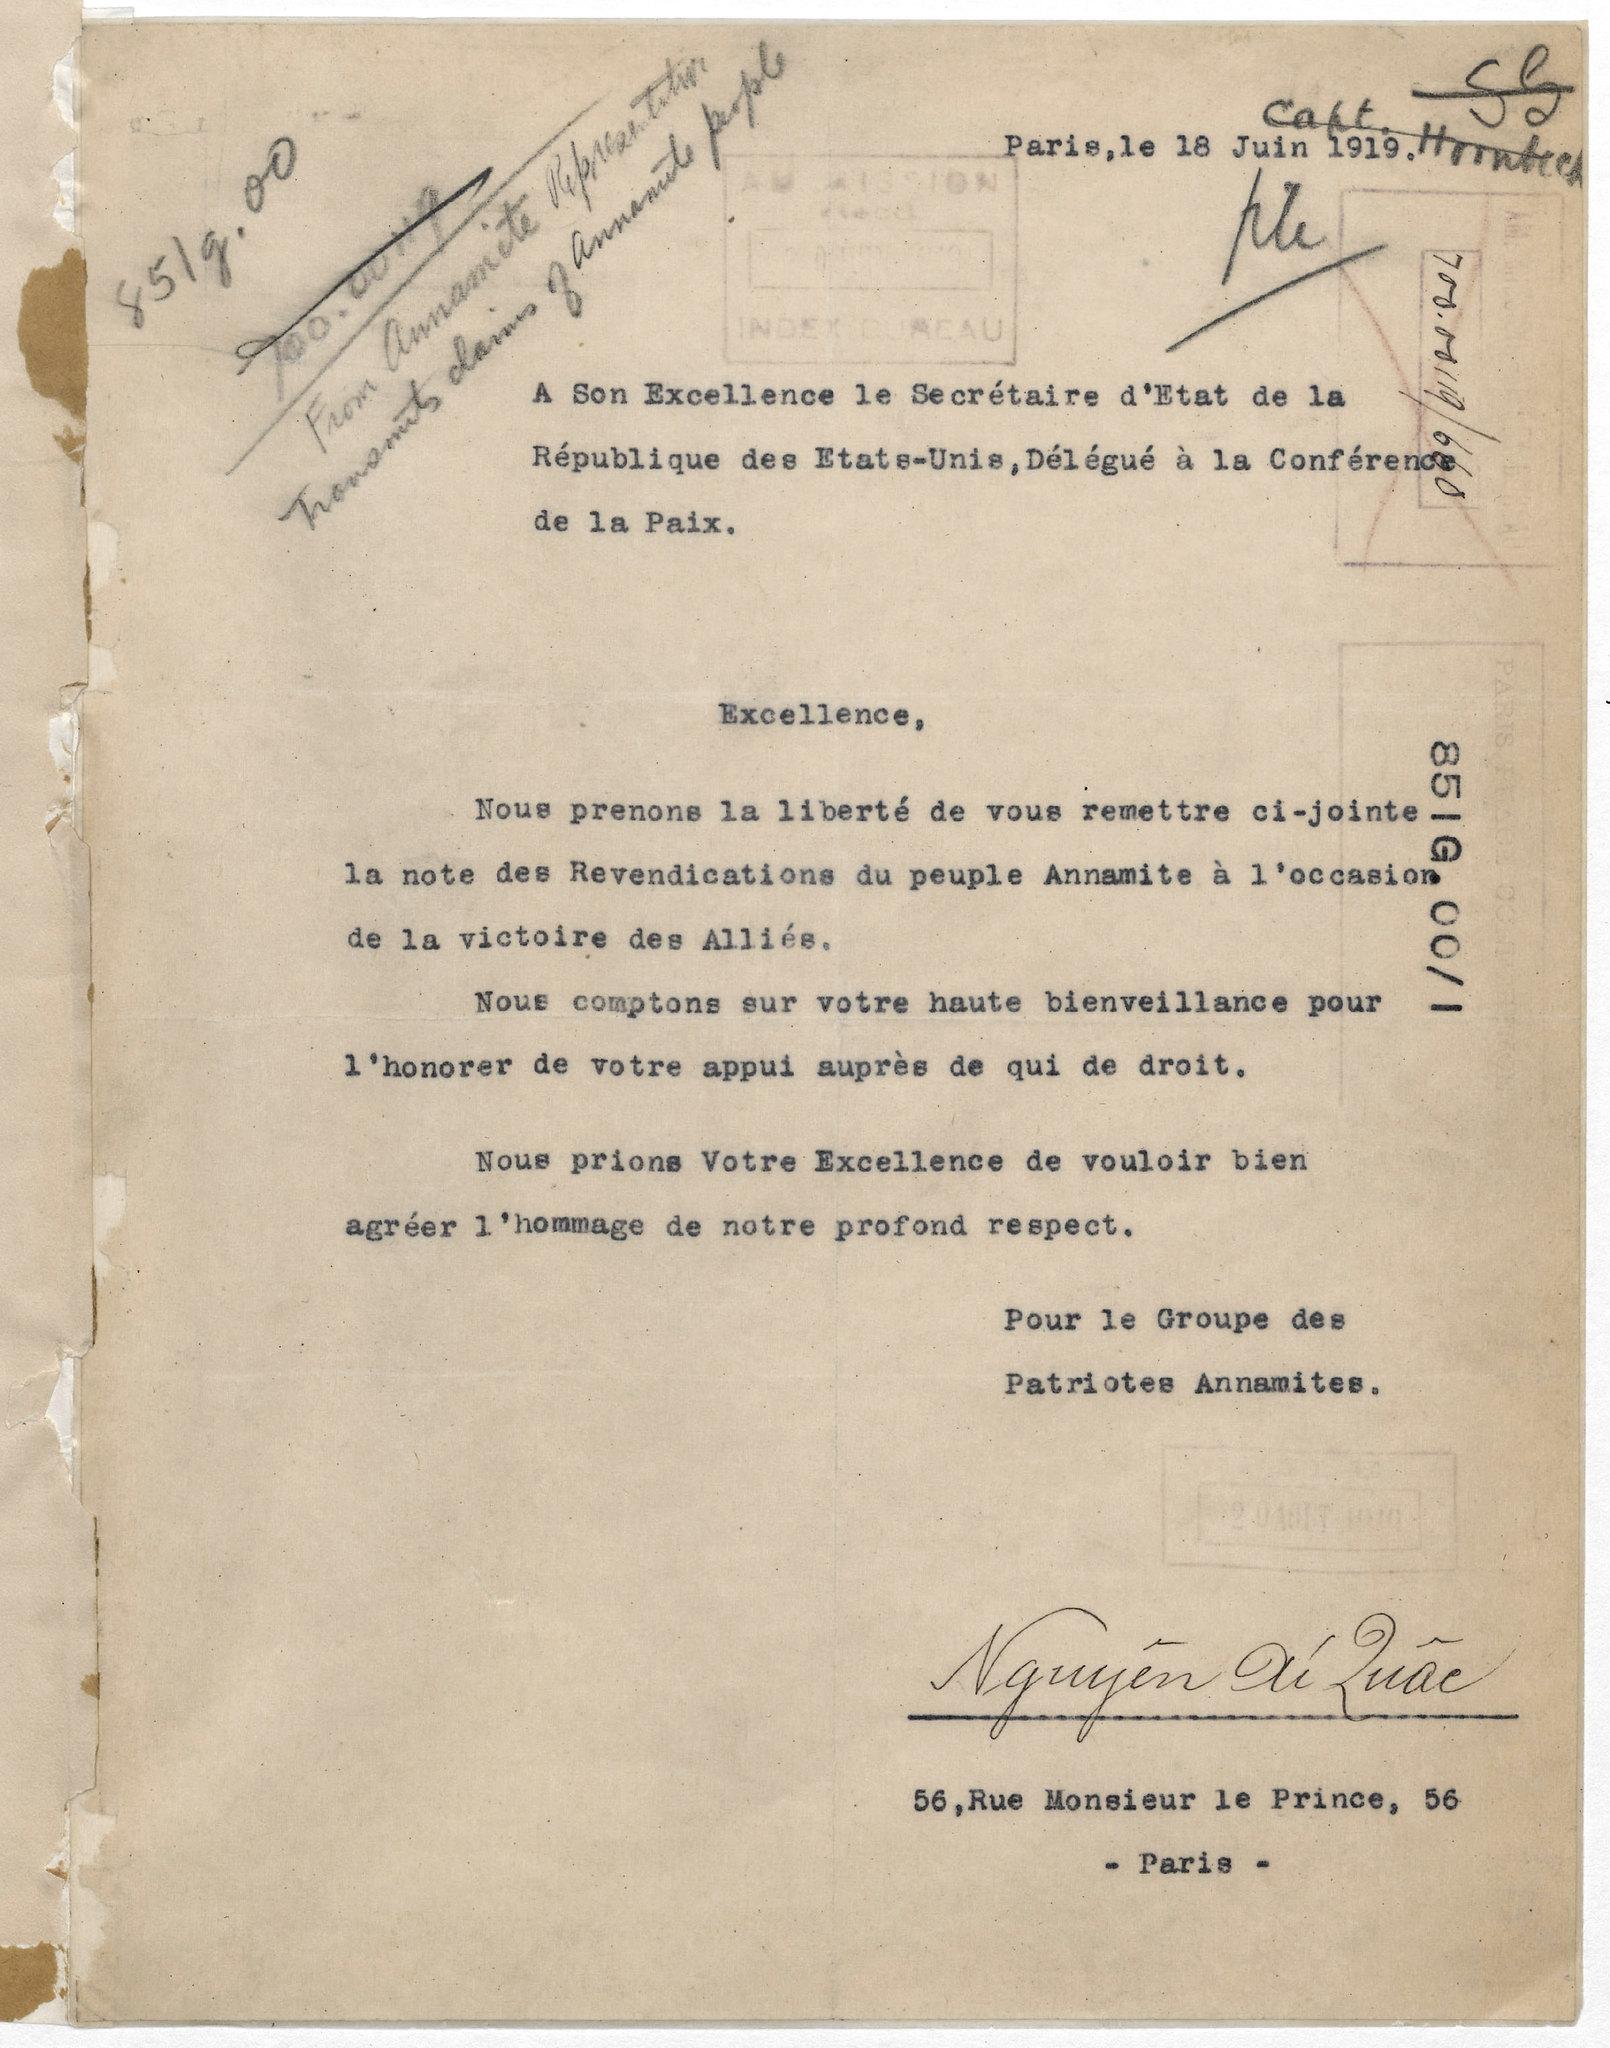 """Letter and Memo from Ho Chi Minh (June 18, 1919) - LÁ THƯ CỦA NGUYỄN ÁI QUỐC GỬI CHO BỘ TRƯỞNG NGOẠI GIAO MỸ ROBERT LANSING ngày 18-6-1919, kèm theo là """"Bản kiến nghị  của nhân dân An Nam"""""""